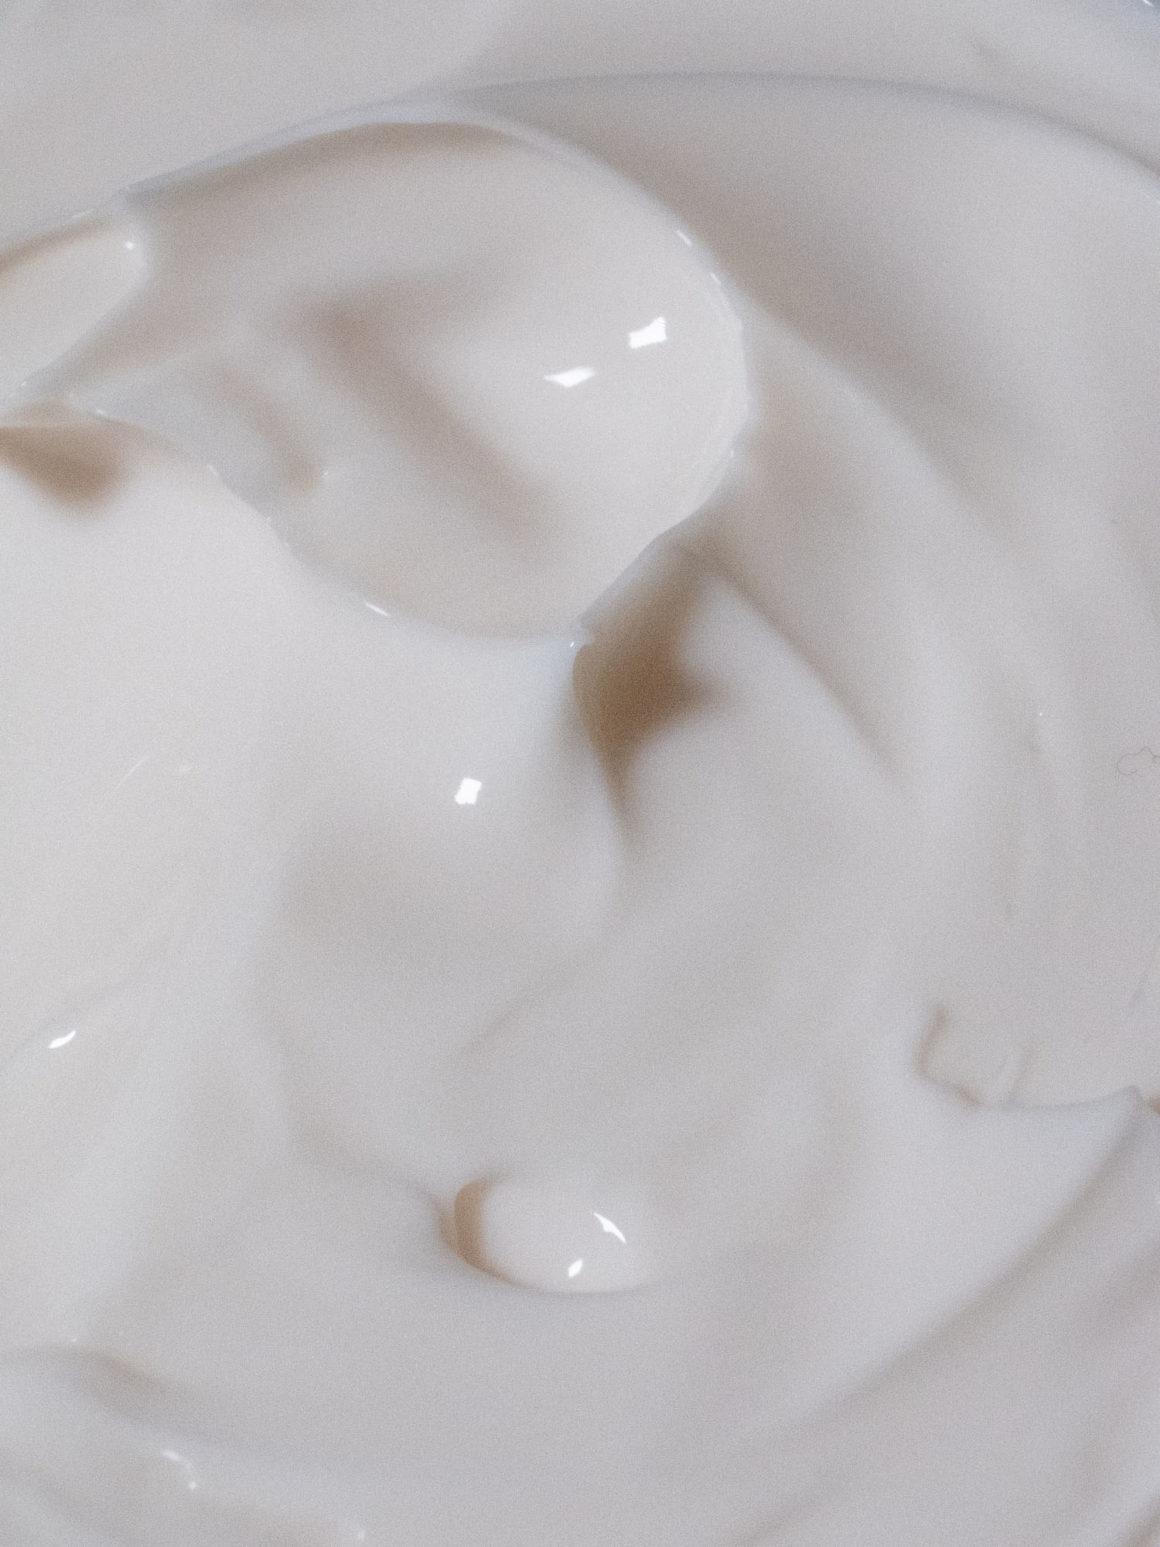 Beautyblog Skincare Layering Die richtige Reihenfolge bei der Hautpflege 1